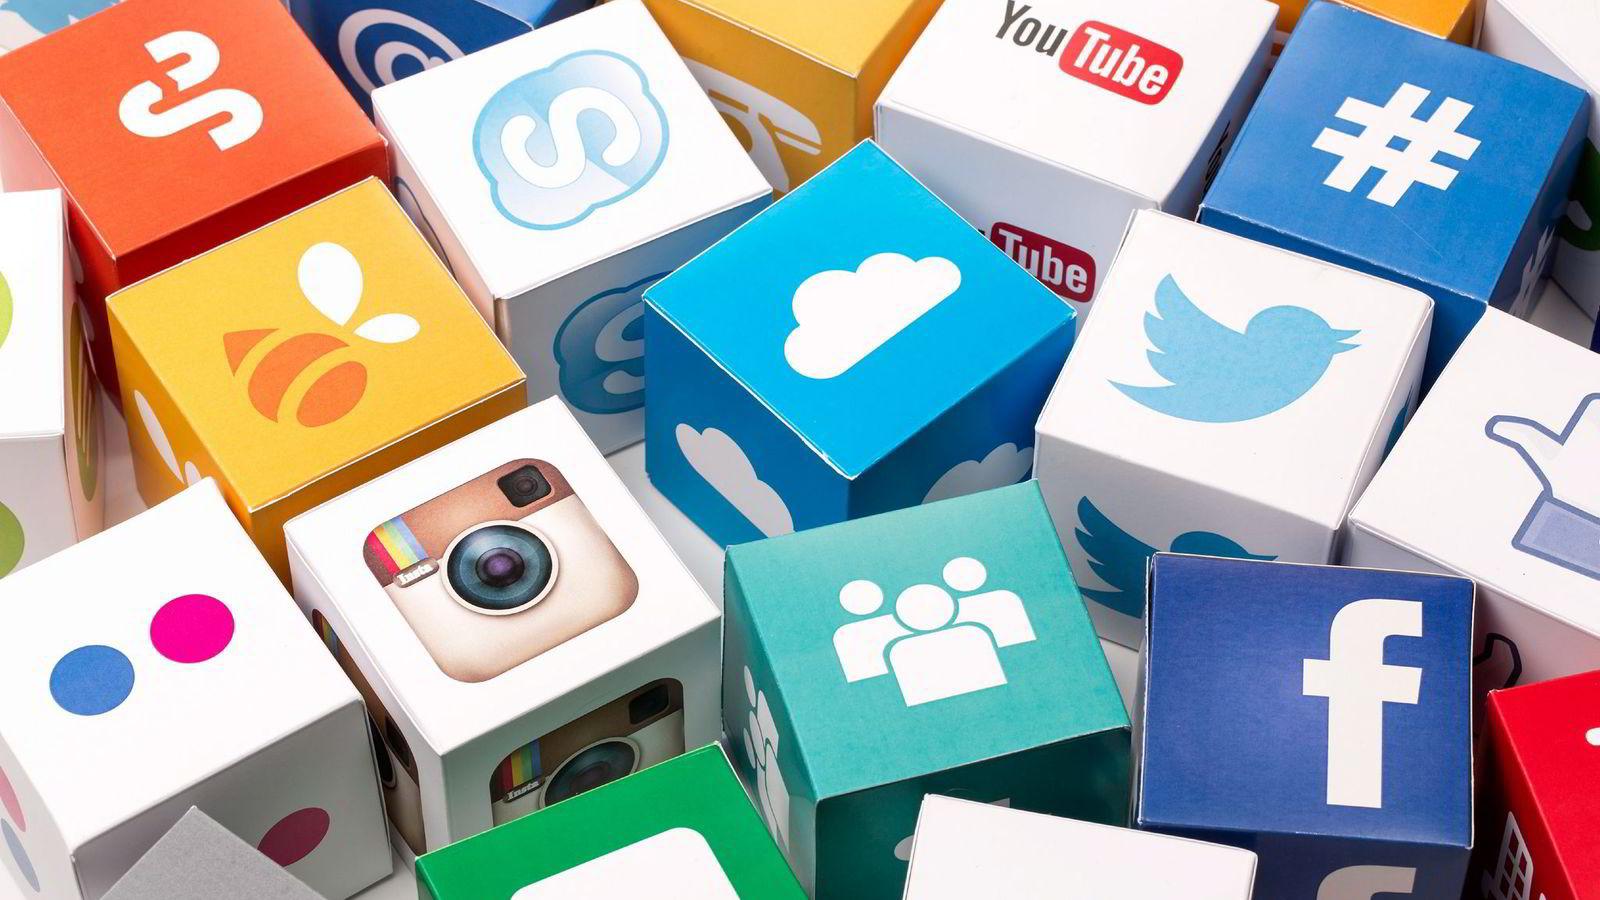 Skal du som forsker eller fagekspert bruke sosiale medier til å bygge din digitale faglige identitet, trenger du å etablere en nettside for innhold, for eksempel en blogg, skriver artikkelforfatteren.